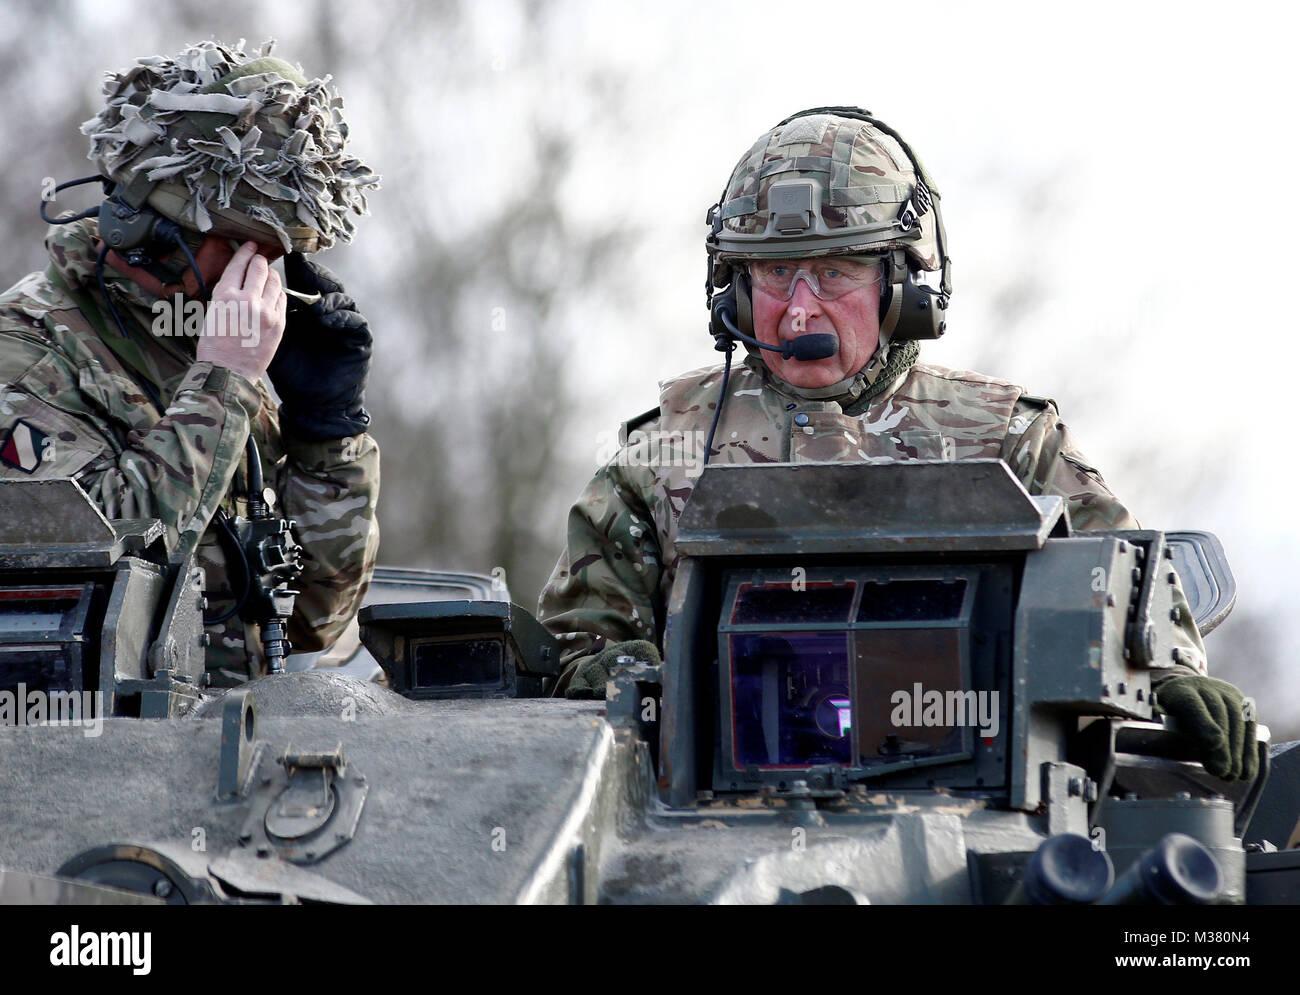 Der Prinz von Wales dauert eine Fahrt auf einem Krieger verfolgt gepanzerten Fahrzeug während einer Übung während eines Besuchs in der ersten Bataillon der Mercian Regiment zu 10 Jahre als Oberst und 40 Jahre seit dem Werden Oberst-in-chief des Cheshire Regiment markieren. Stockfoto